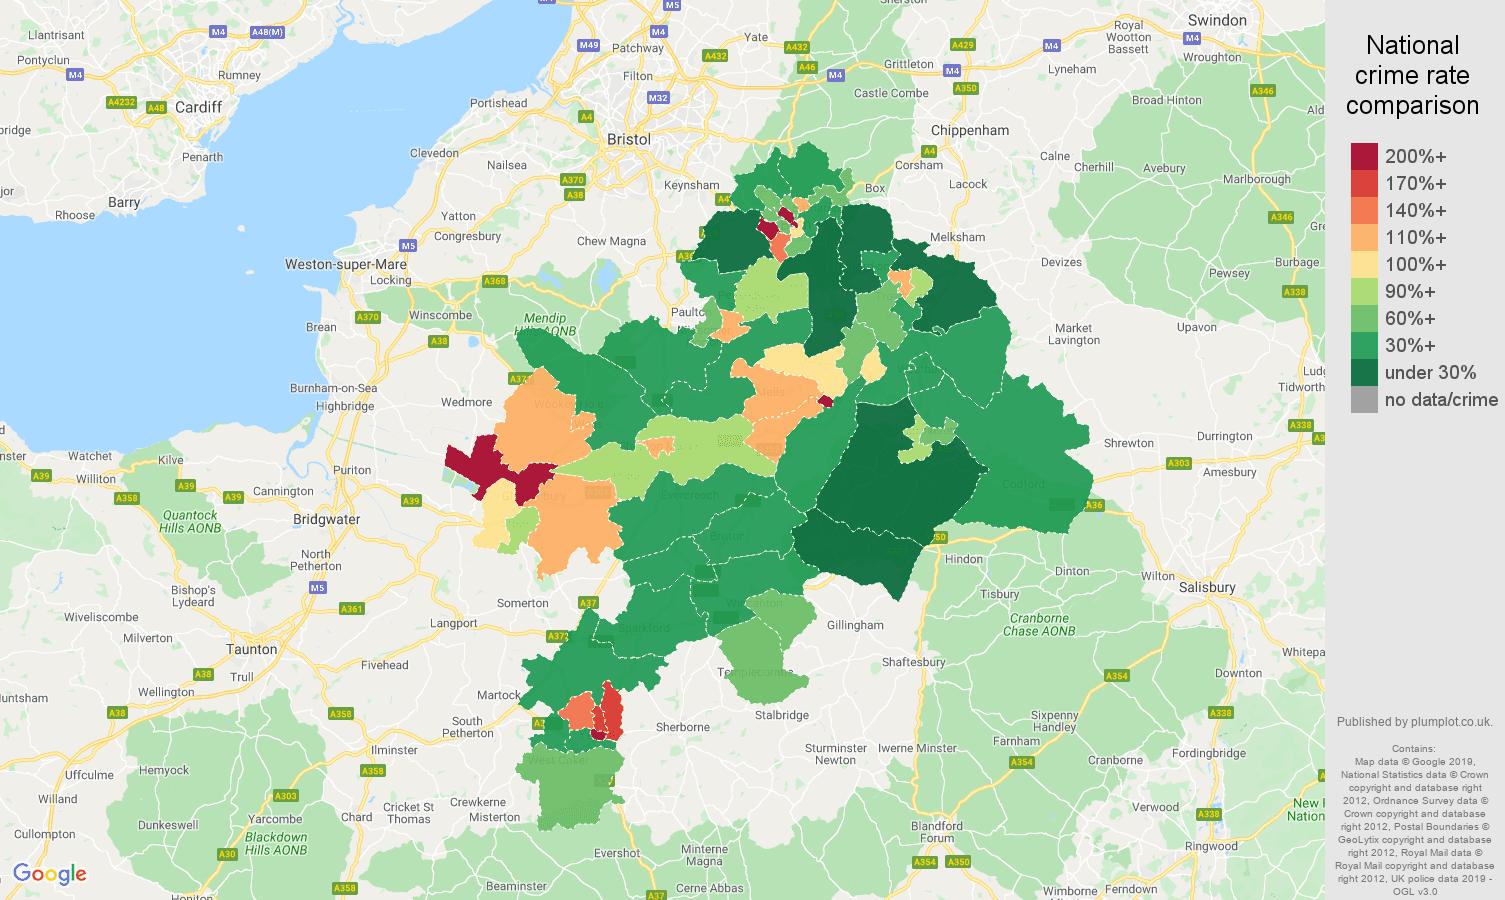 Bath public order crime rate comparison map